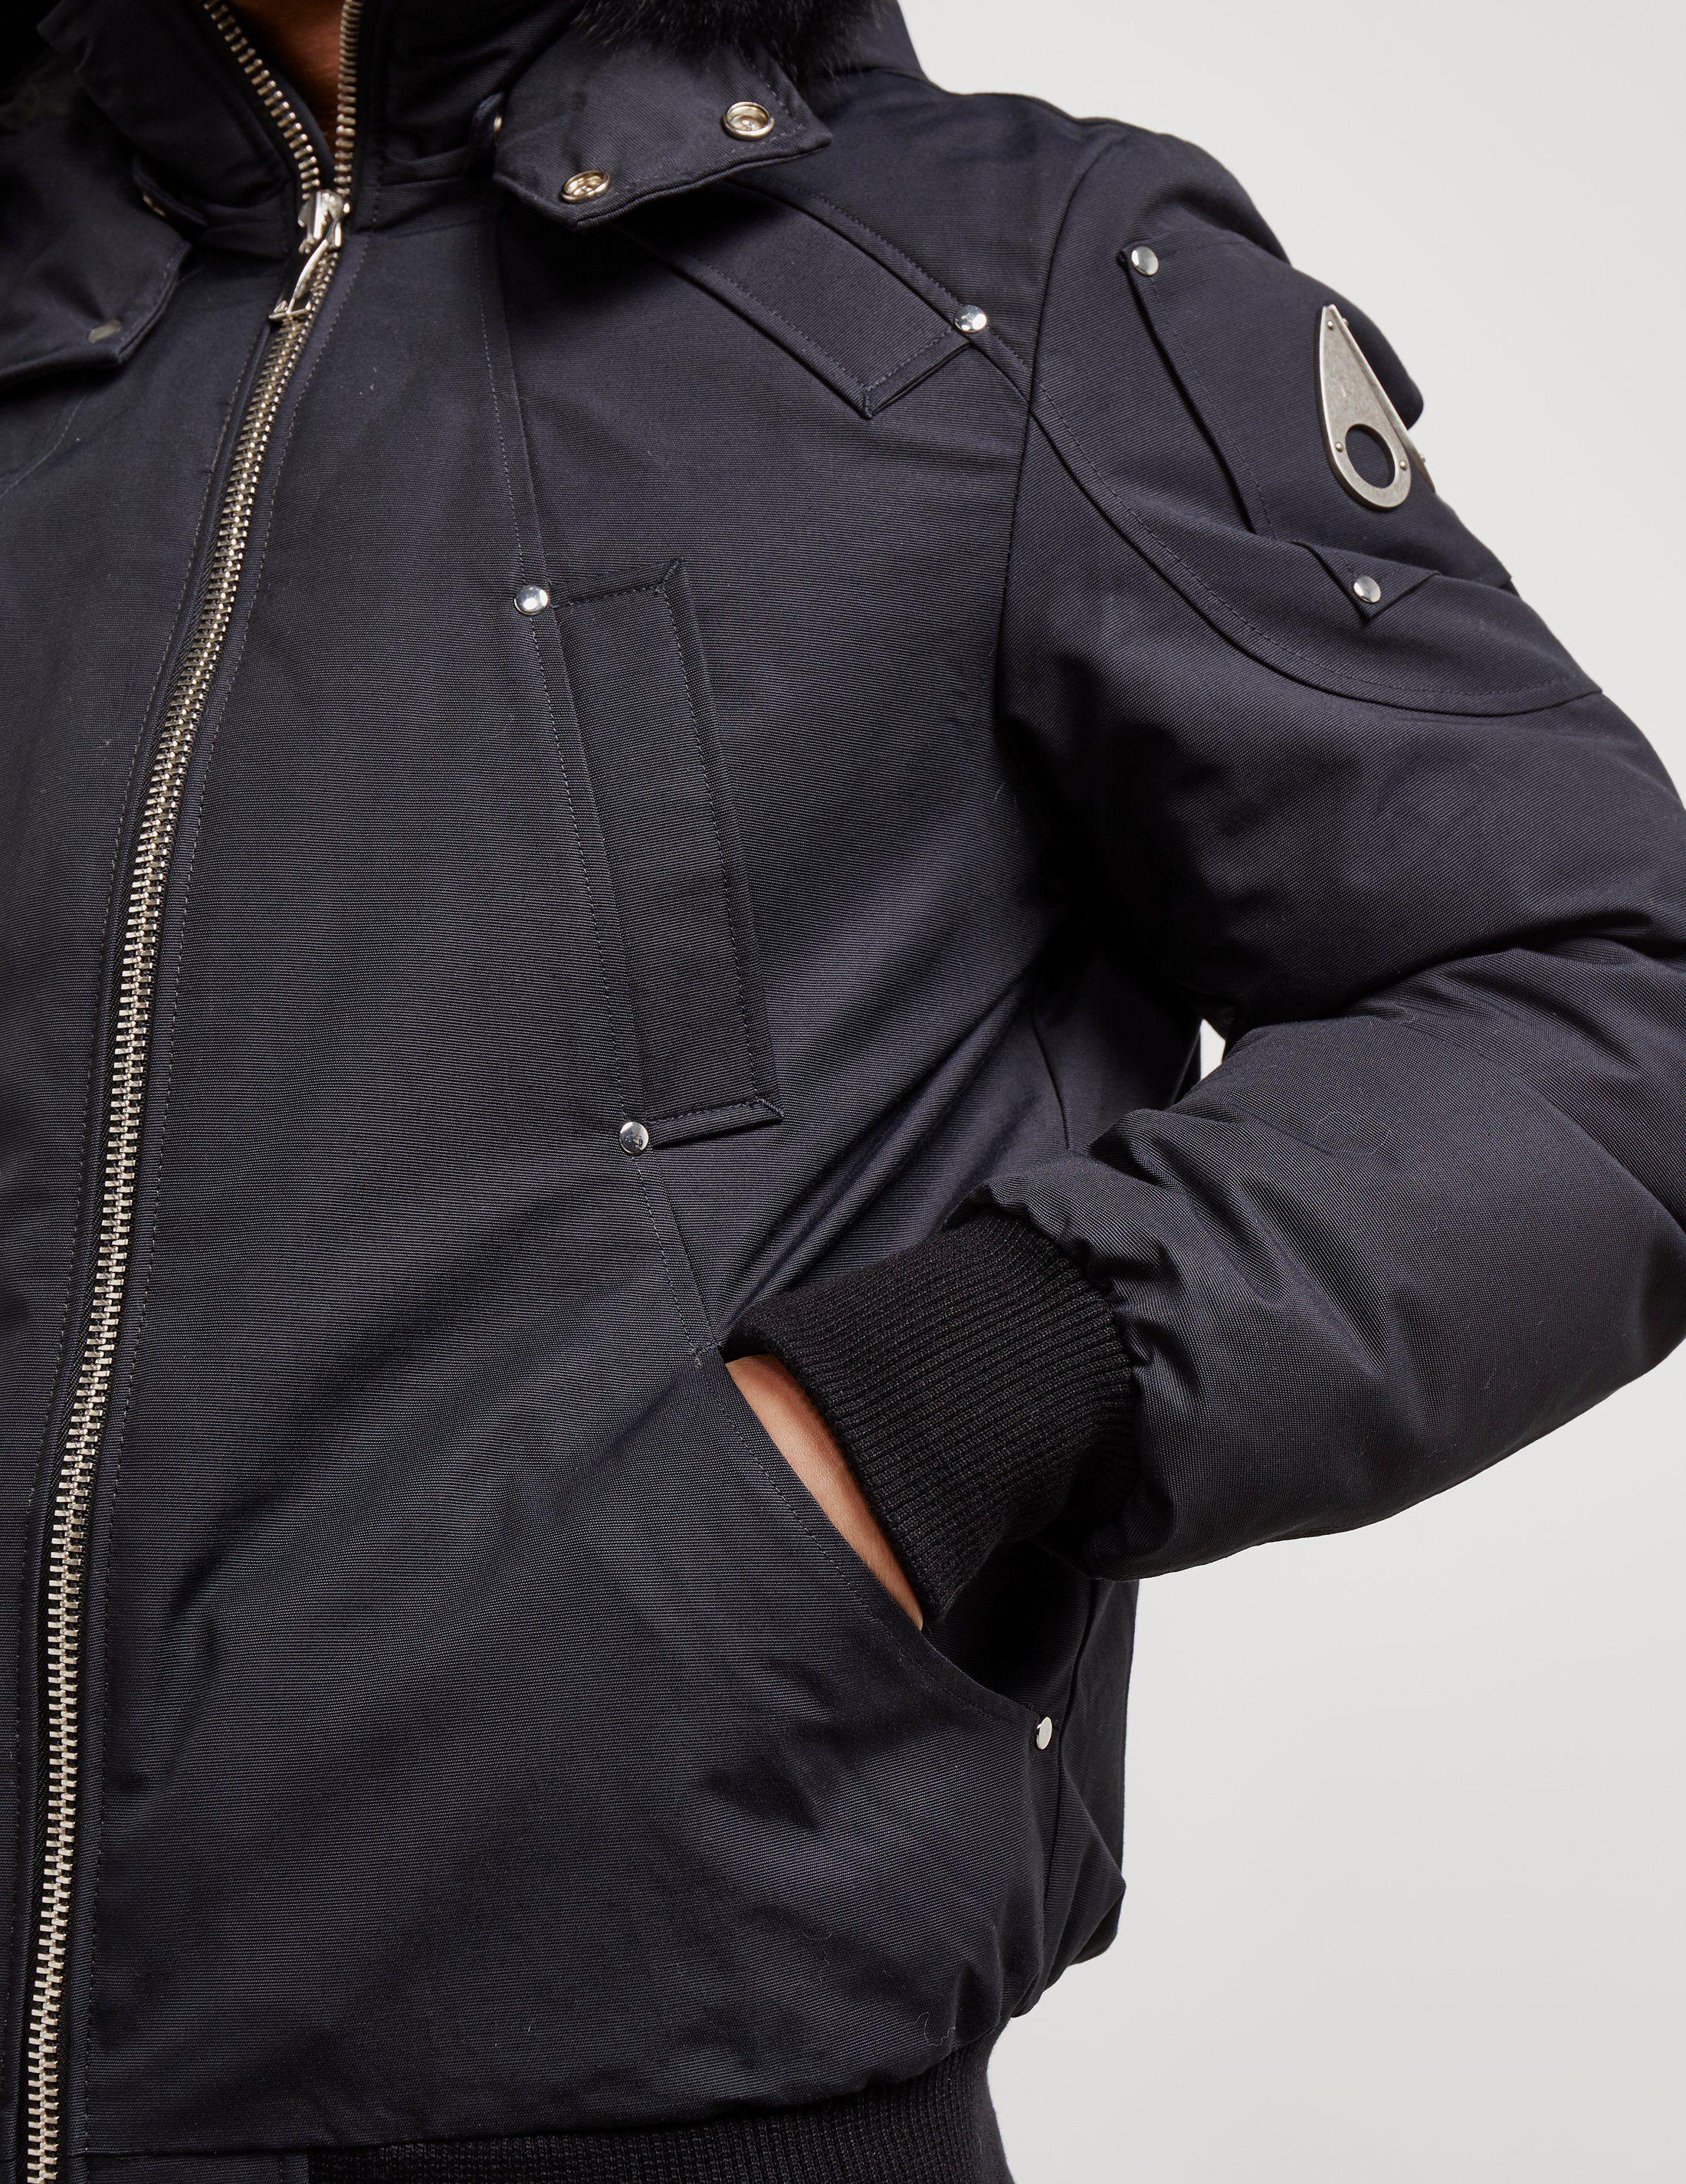 Moose Knuckles Ballistic Bomber Jacket - Online Exclusive